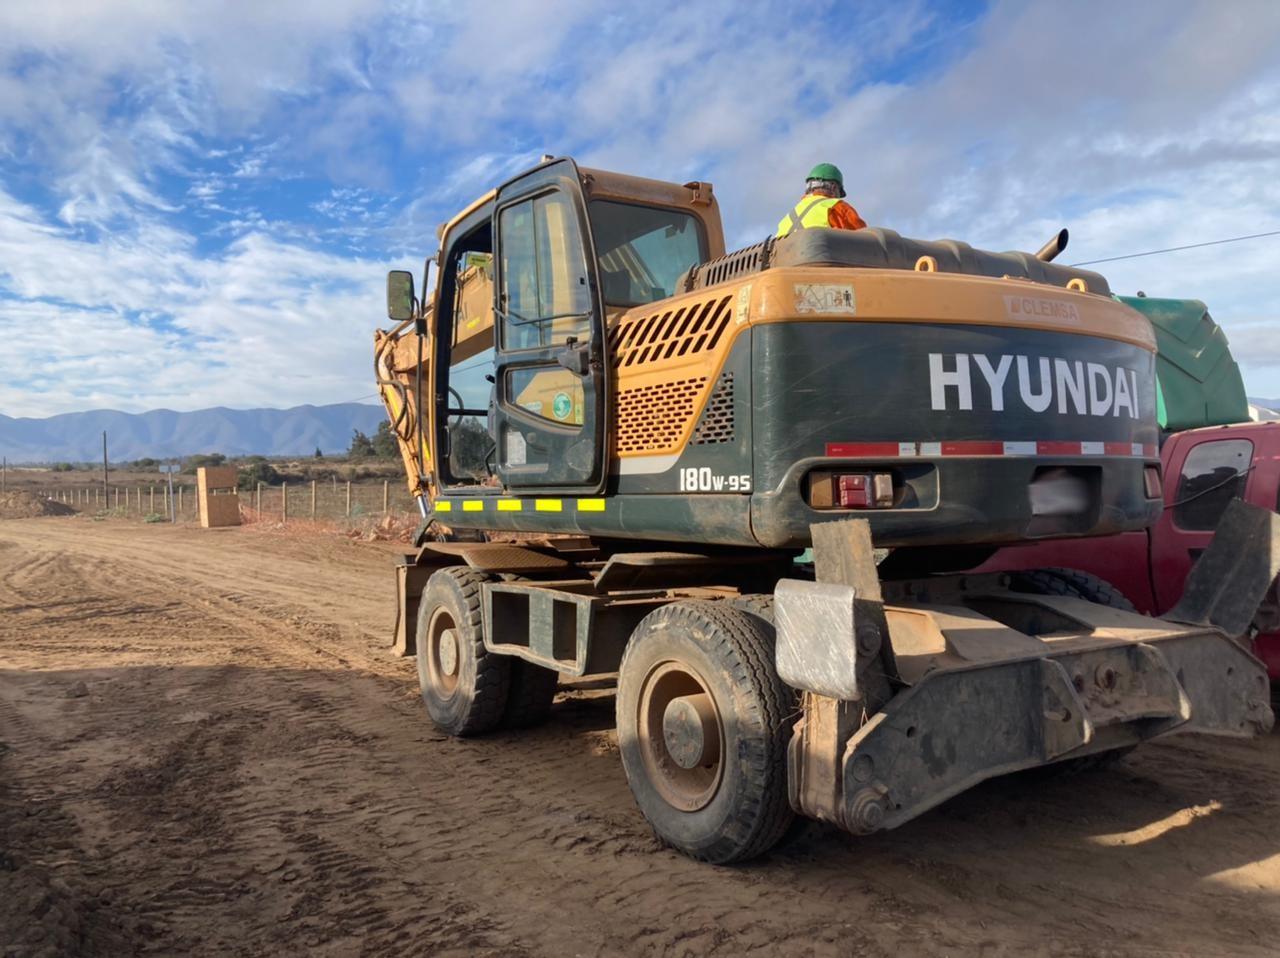 hyundai-201360d28a0a9d305